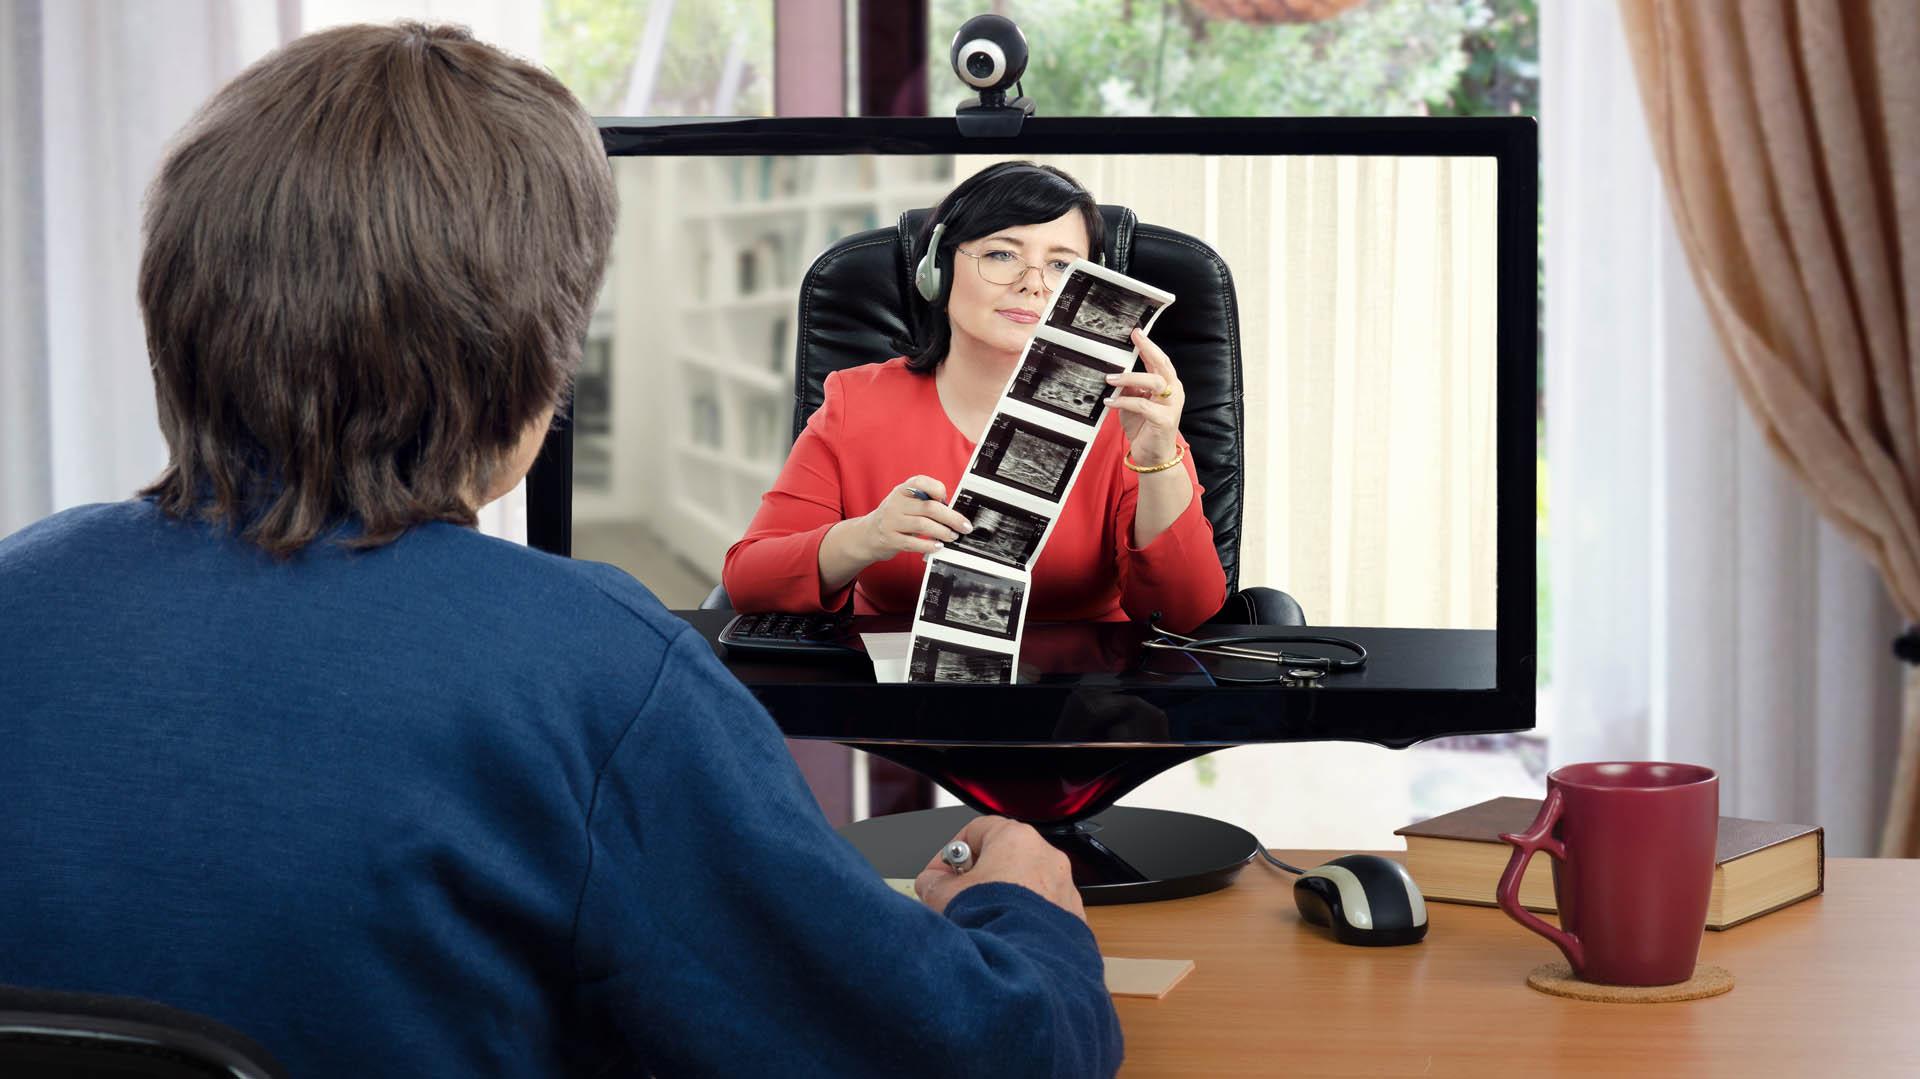 La telemedicina pretende ampliar el acceso de los tratamientos de salud (iStock)